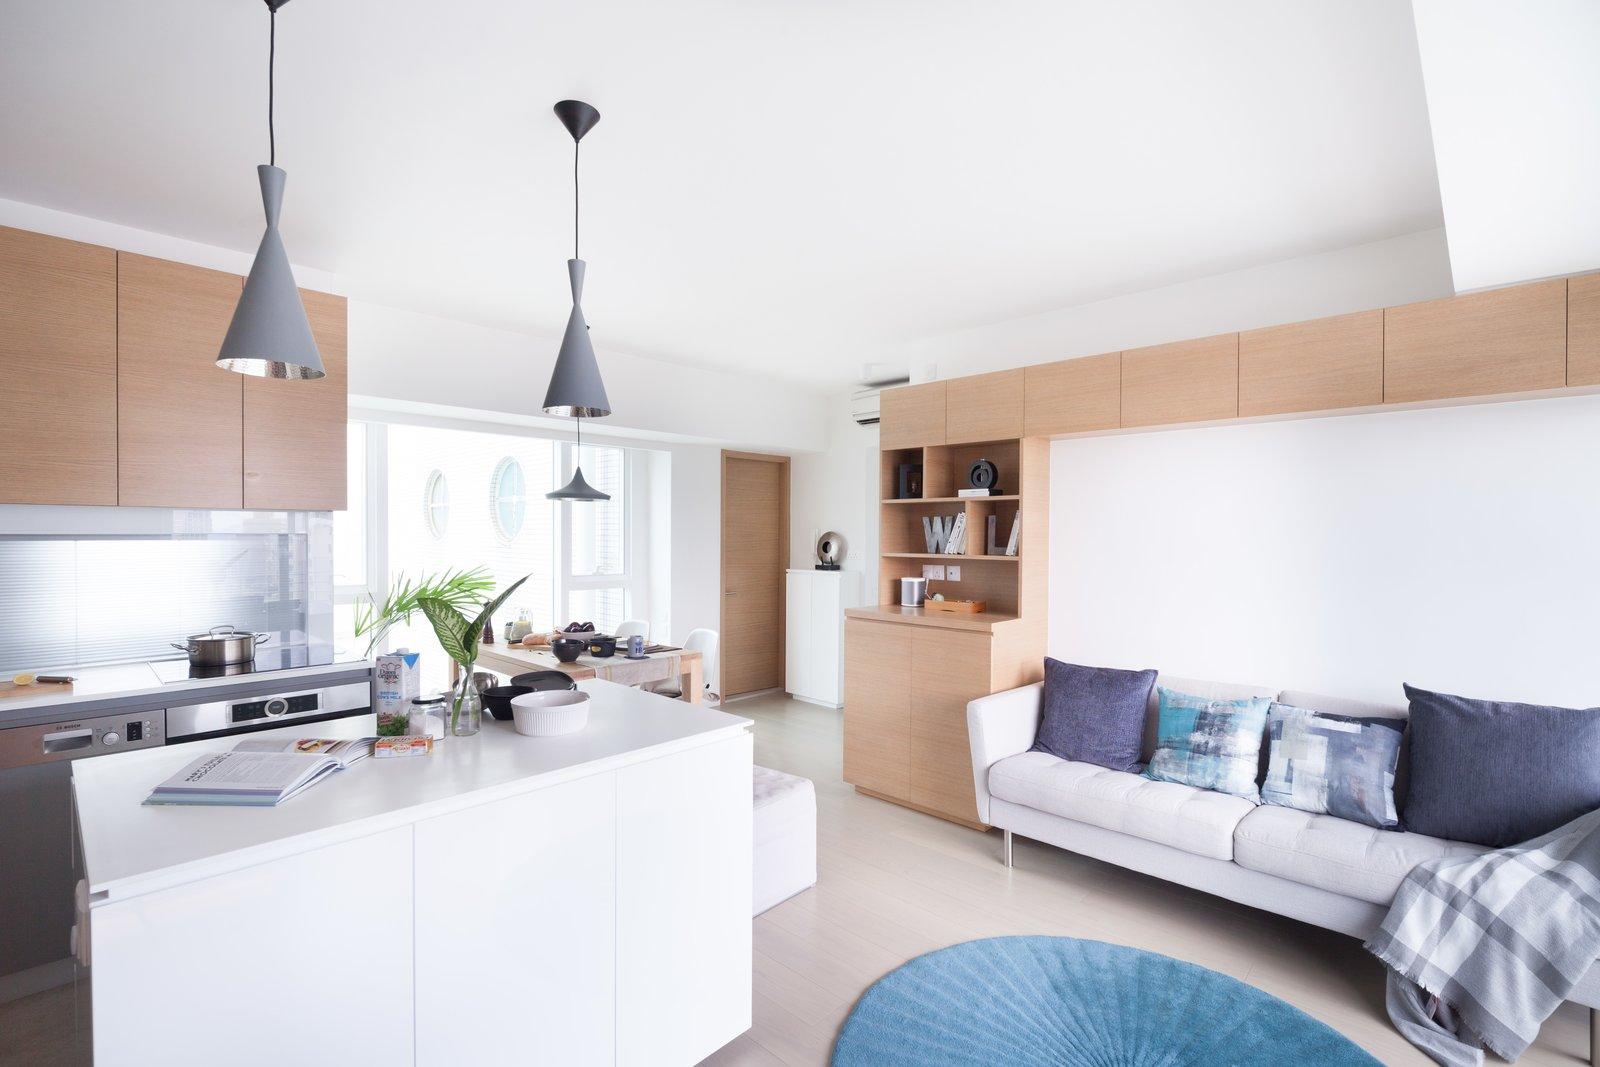 Living Room http://www.cliftonleungdesignworkshop.com/Cherry+Crest+B  Cherry Crest by Clifton Leung